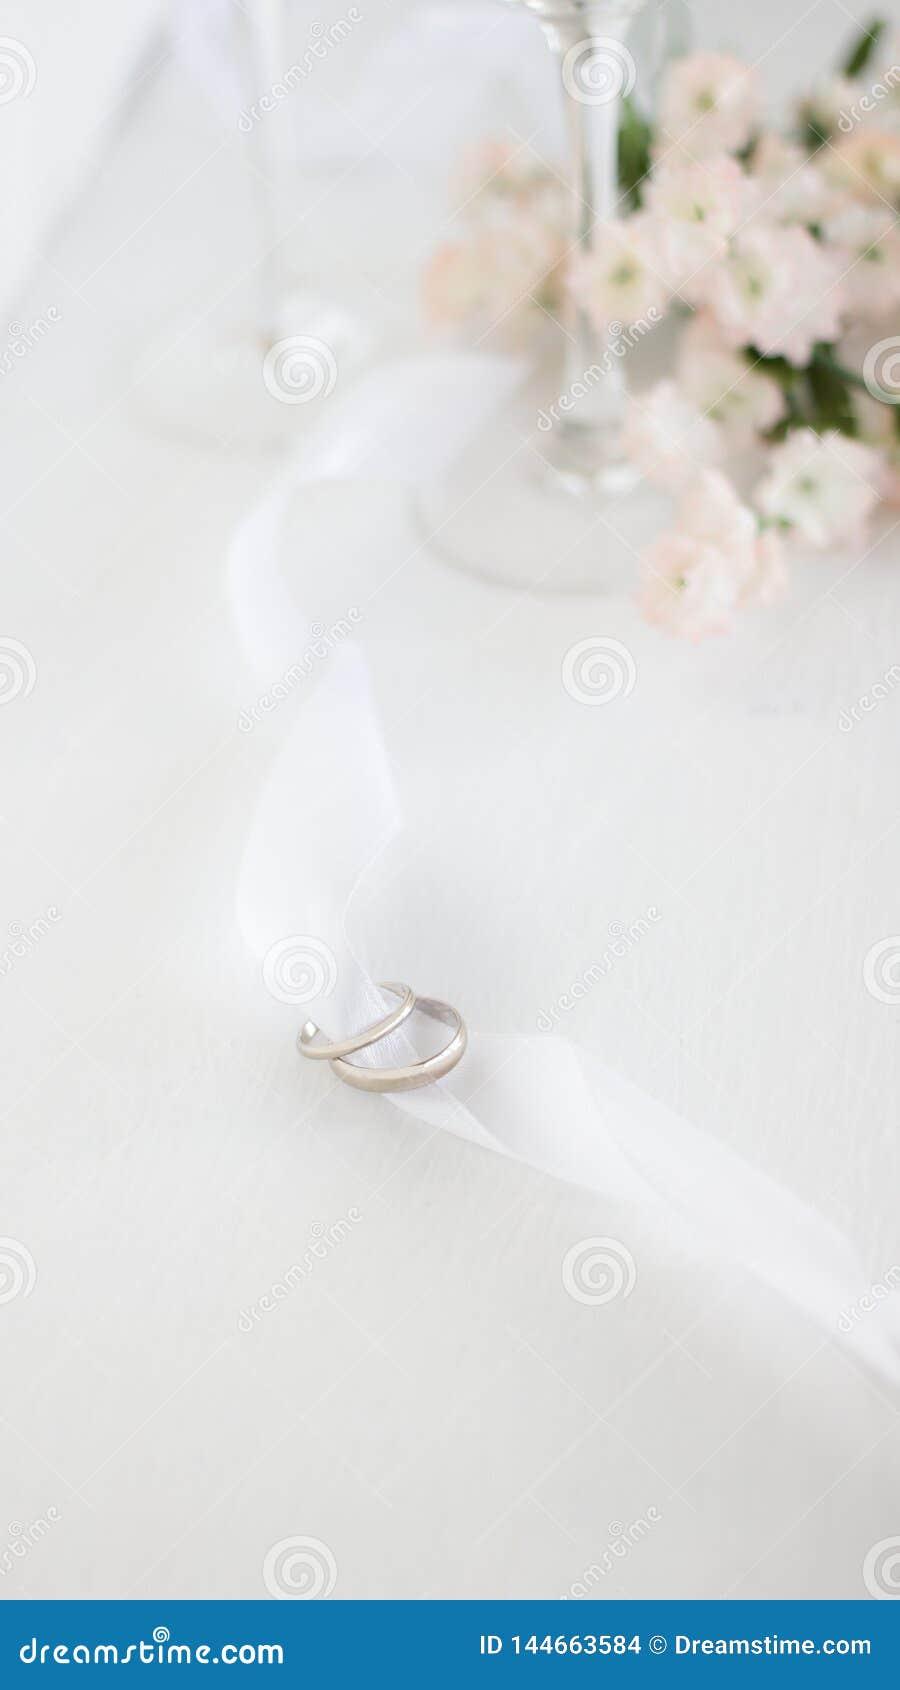 Δύο γαμήλια δαχτυλίδια στην άσπρη κορδέλλα Ελαφρύ υπόβαθρο θαμπάδων των λουλουδιών και champane των γυαλιών